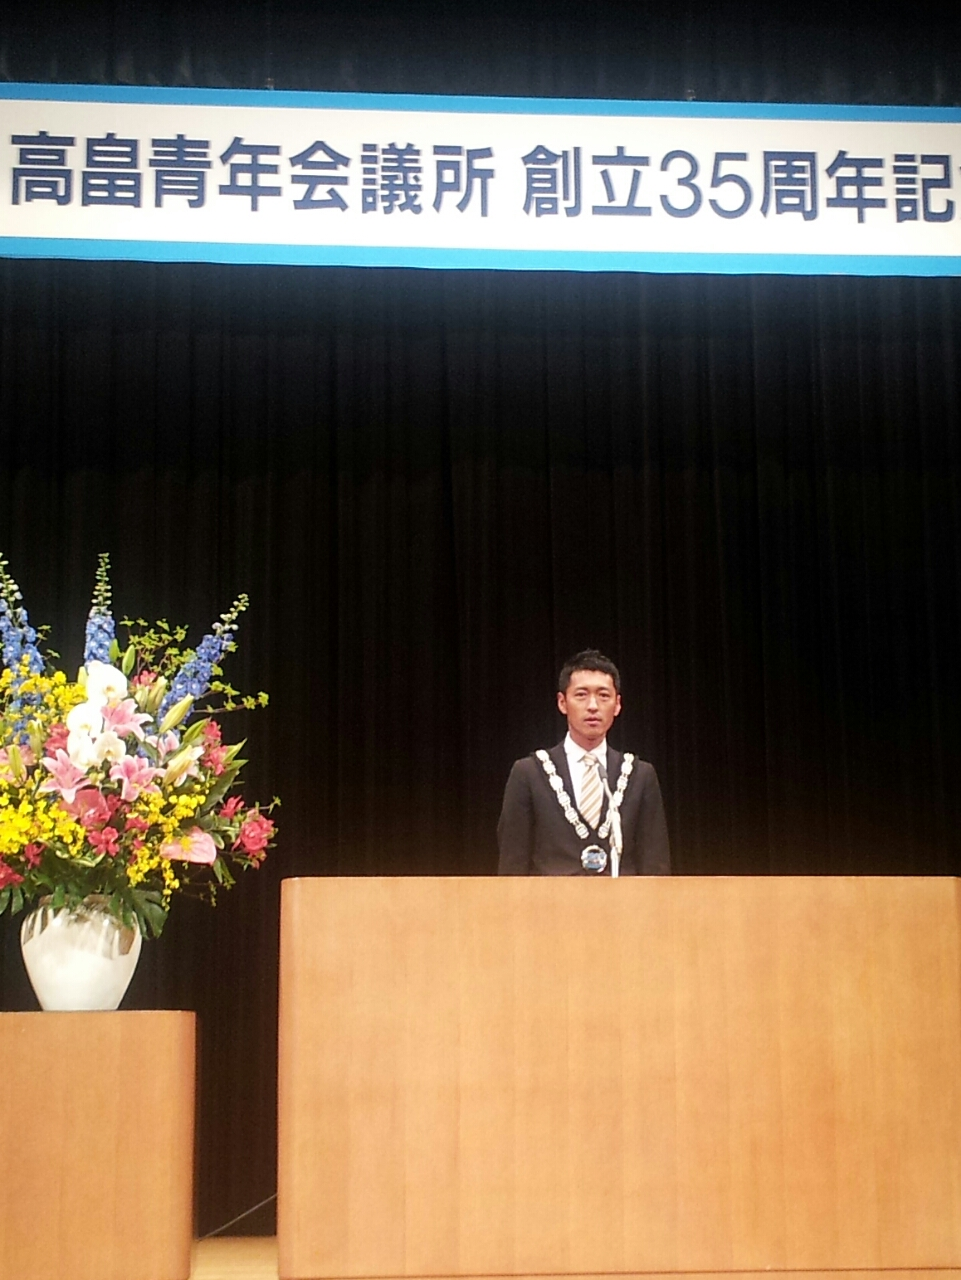 5/11(土) 高畠JC 創立35周年式典開催:画像